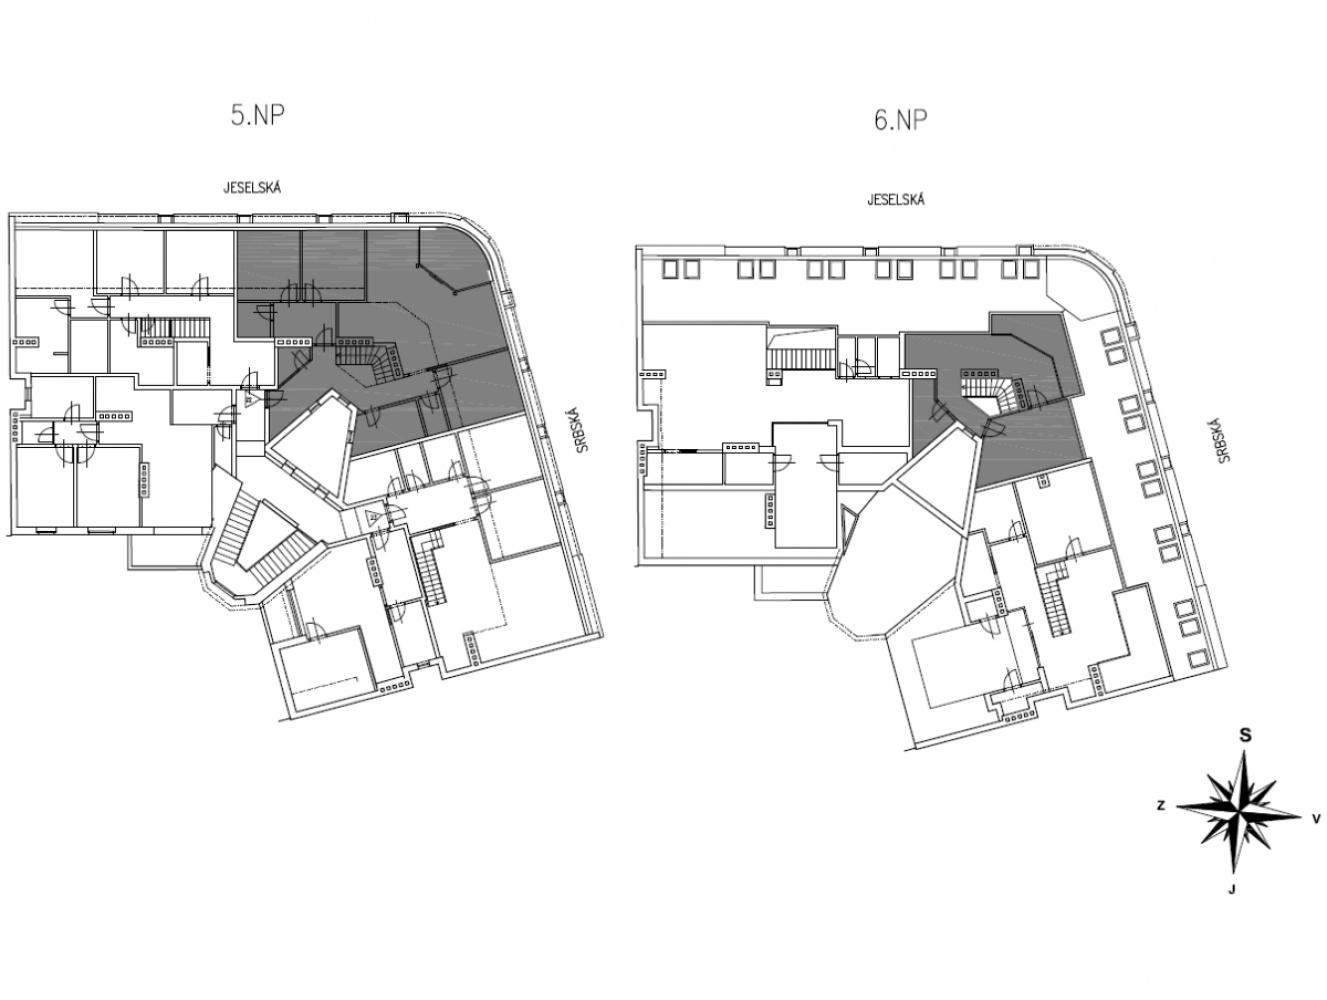 Půdorys - Půdní byt 5+kk, plocha 158 m², ulice Srbská, Praha 6 - Dejvice